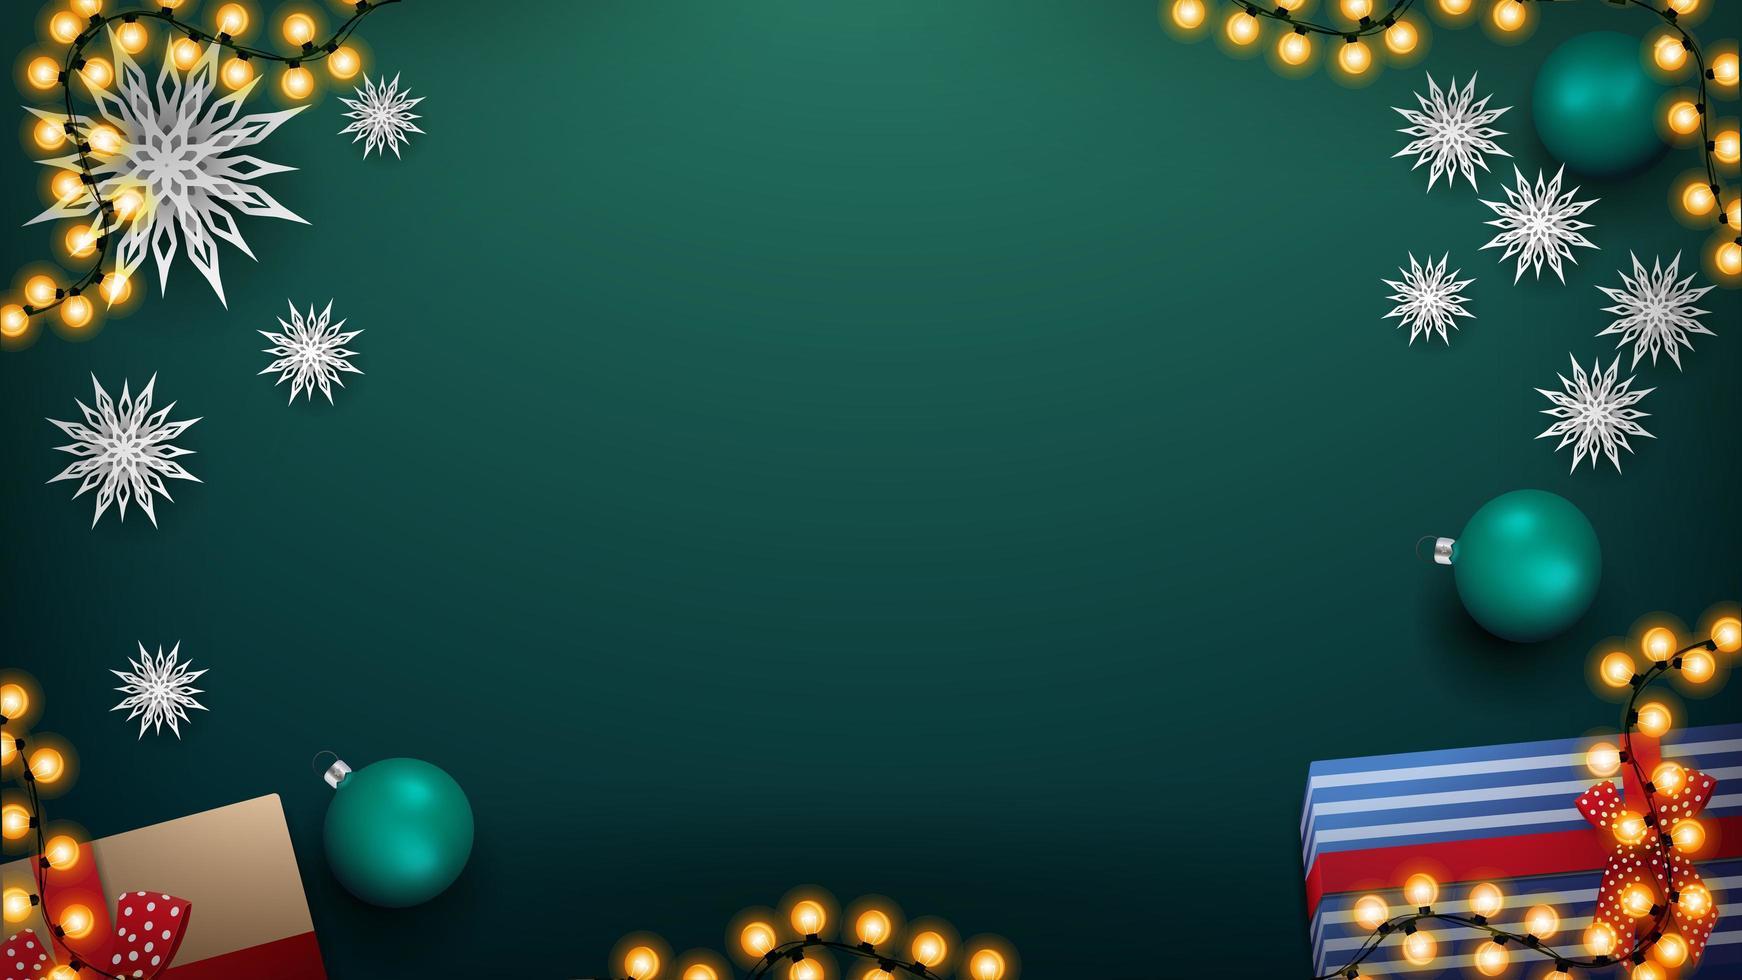 Kerst groene achtergrond met garland en groene ballen vector